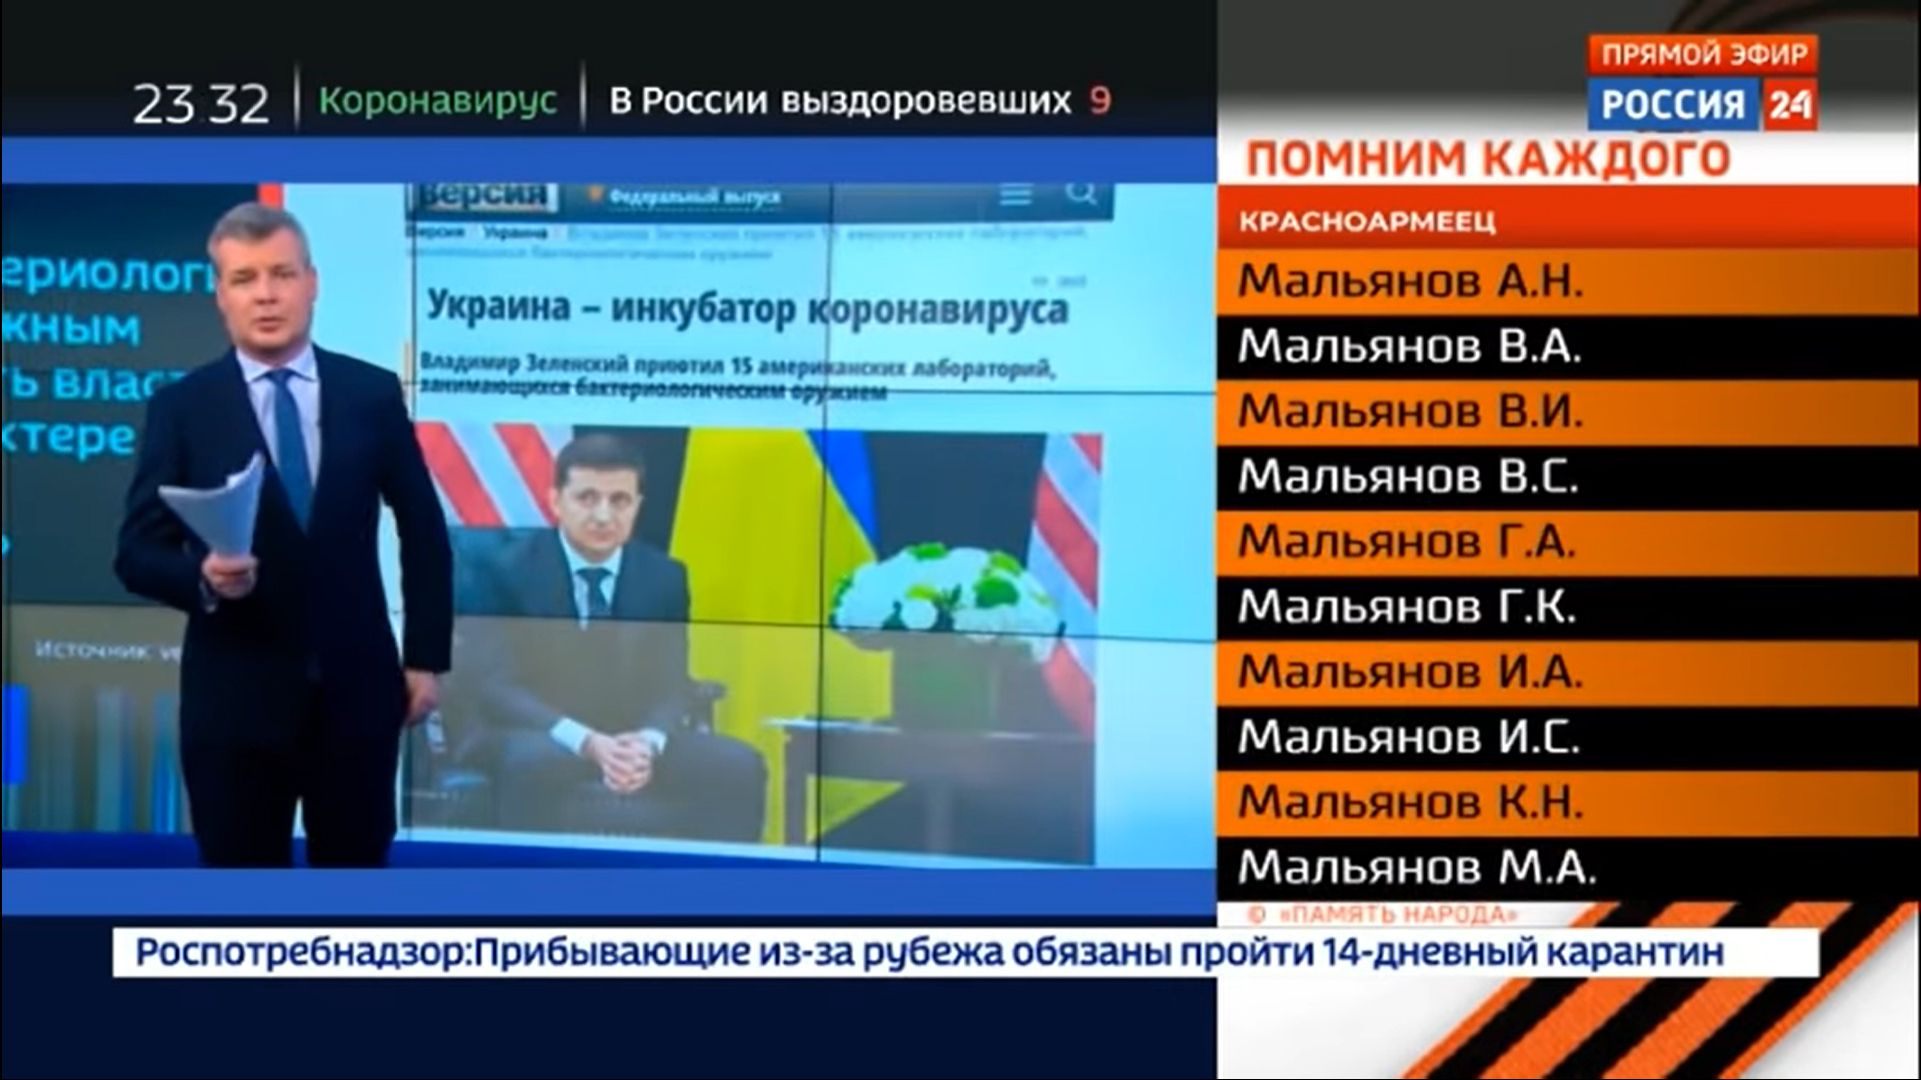 Росія, бойовики та ОПЗЖ: хто поширює фейк про «секретні лабораторії США в Україні»